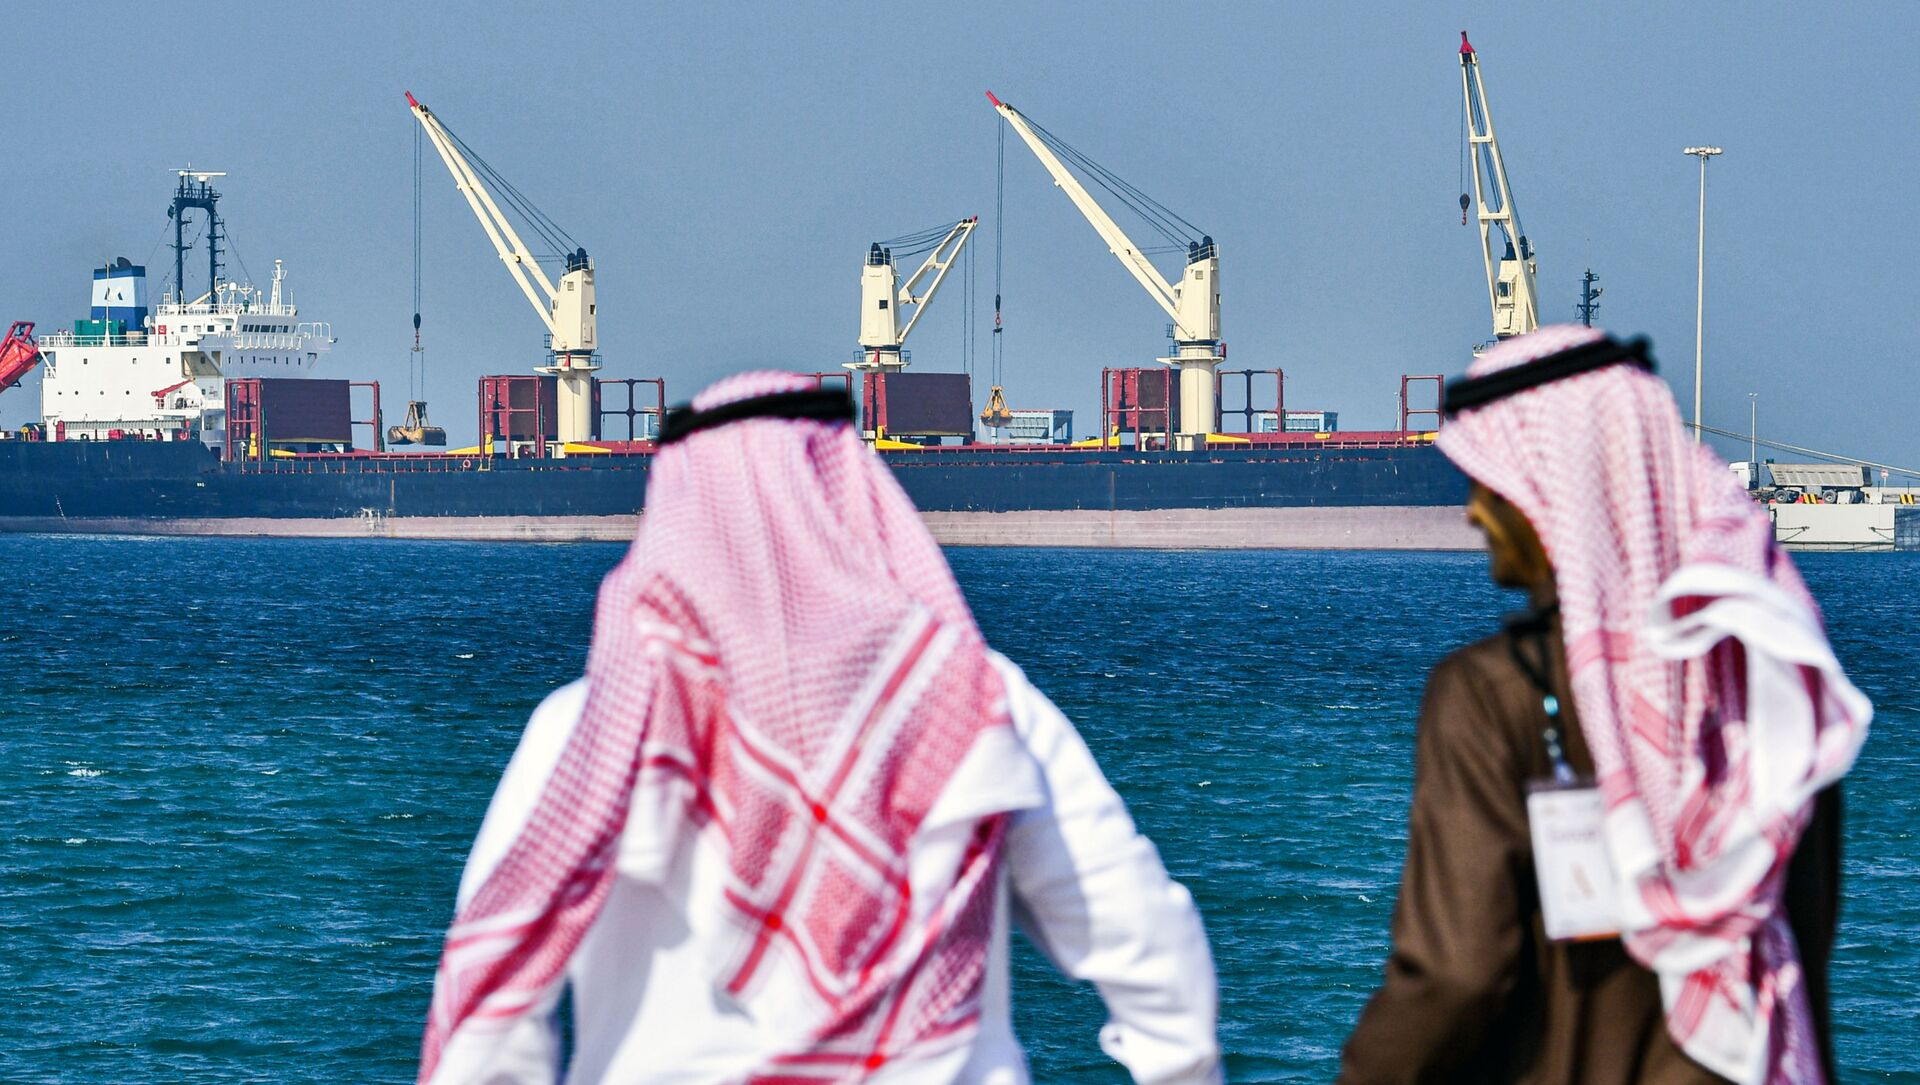 Нефтяной танкер в порту Рас-Эль-Хайр в Саудовской Аравии - Sputnik Азербайджан, 1920, 06.07.2021